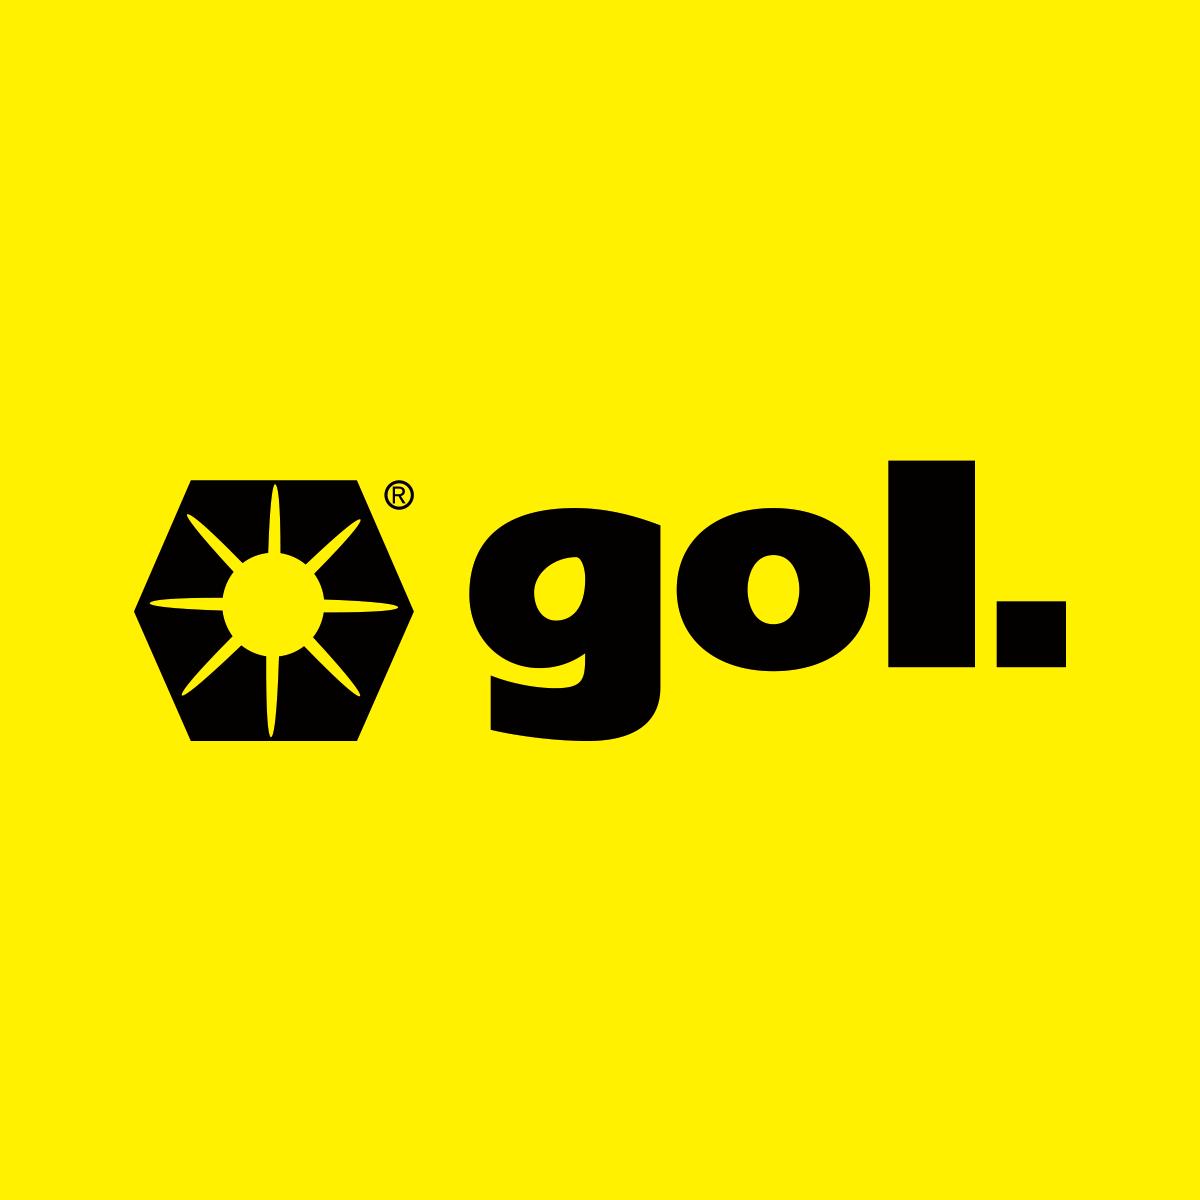 株式会社ゴルジャパンのロゴ写真